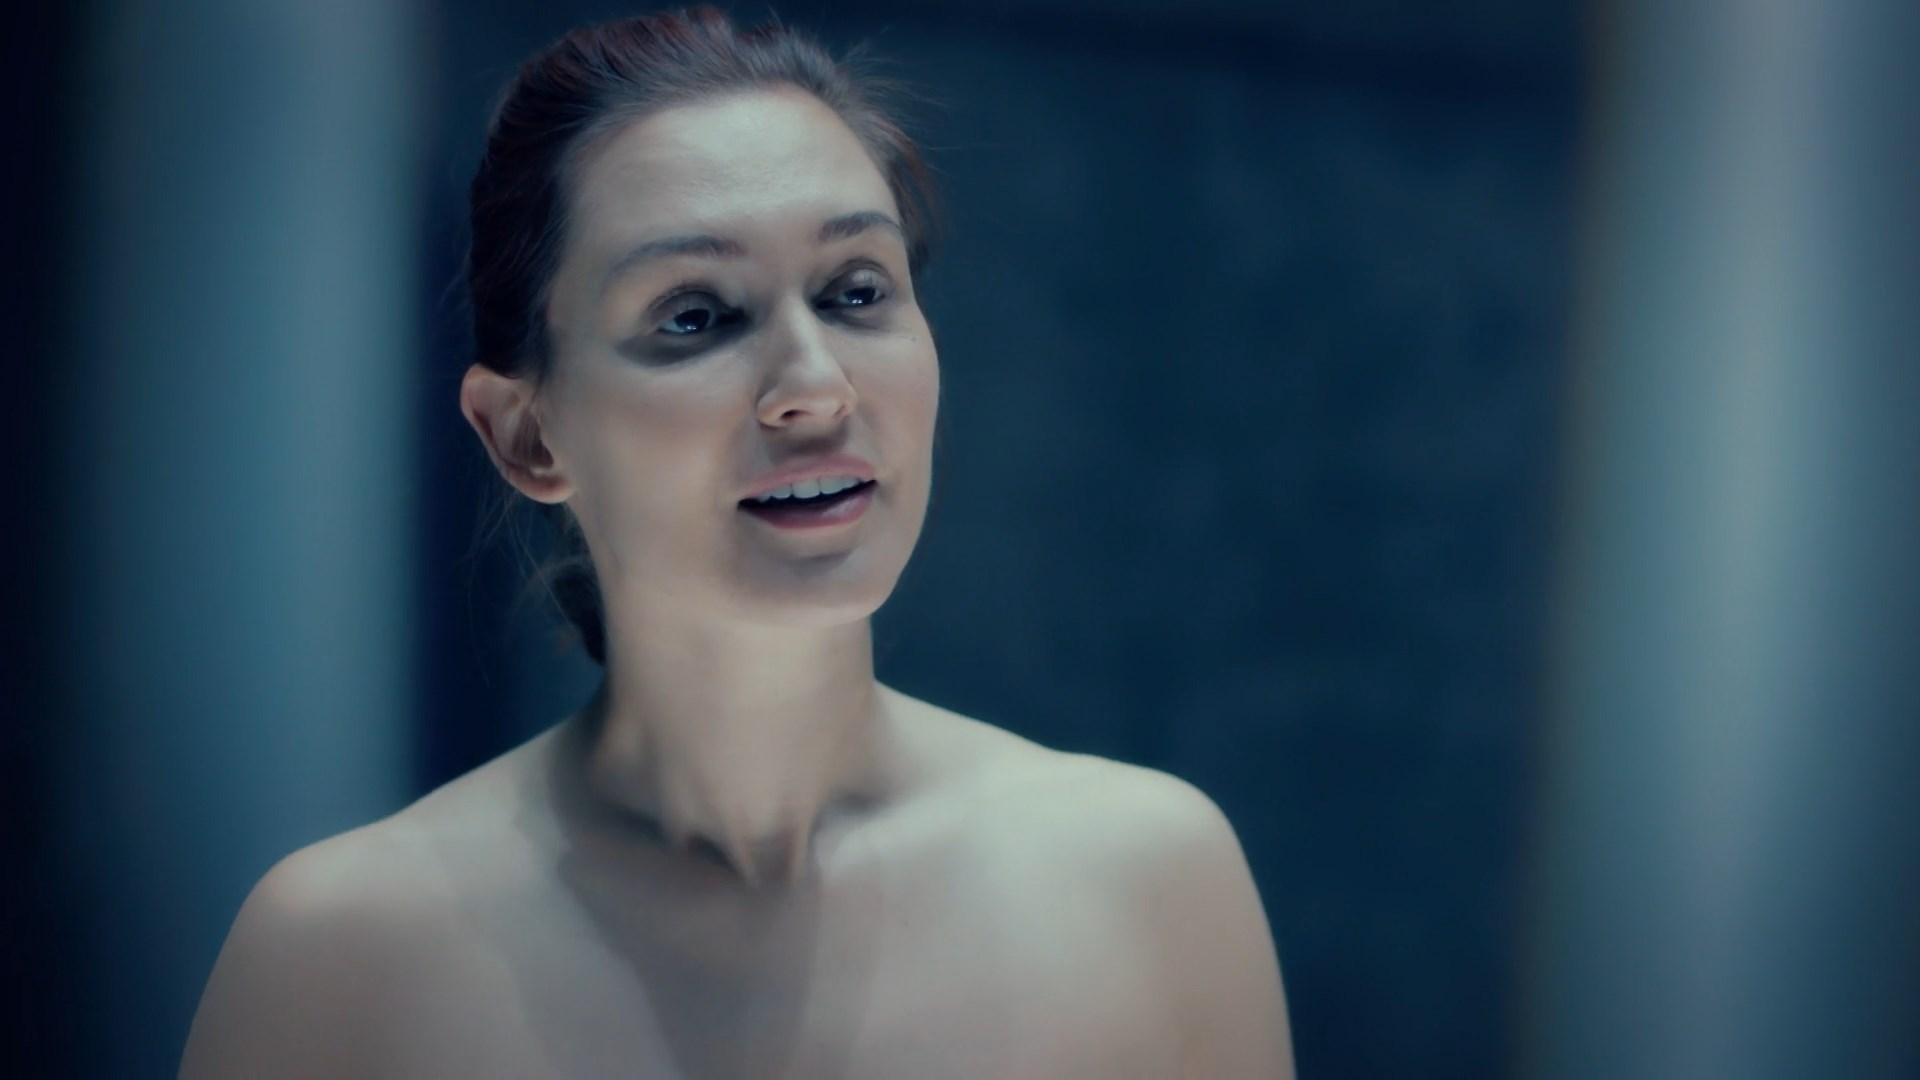 Provost-chalkley nude dominique Dominique Provost